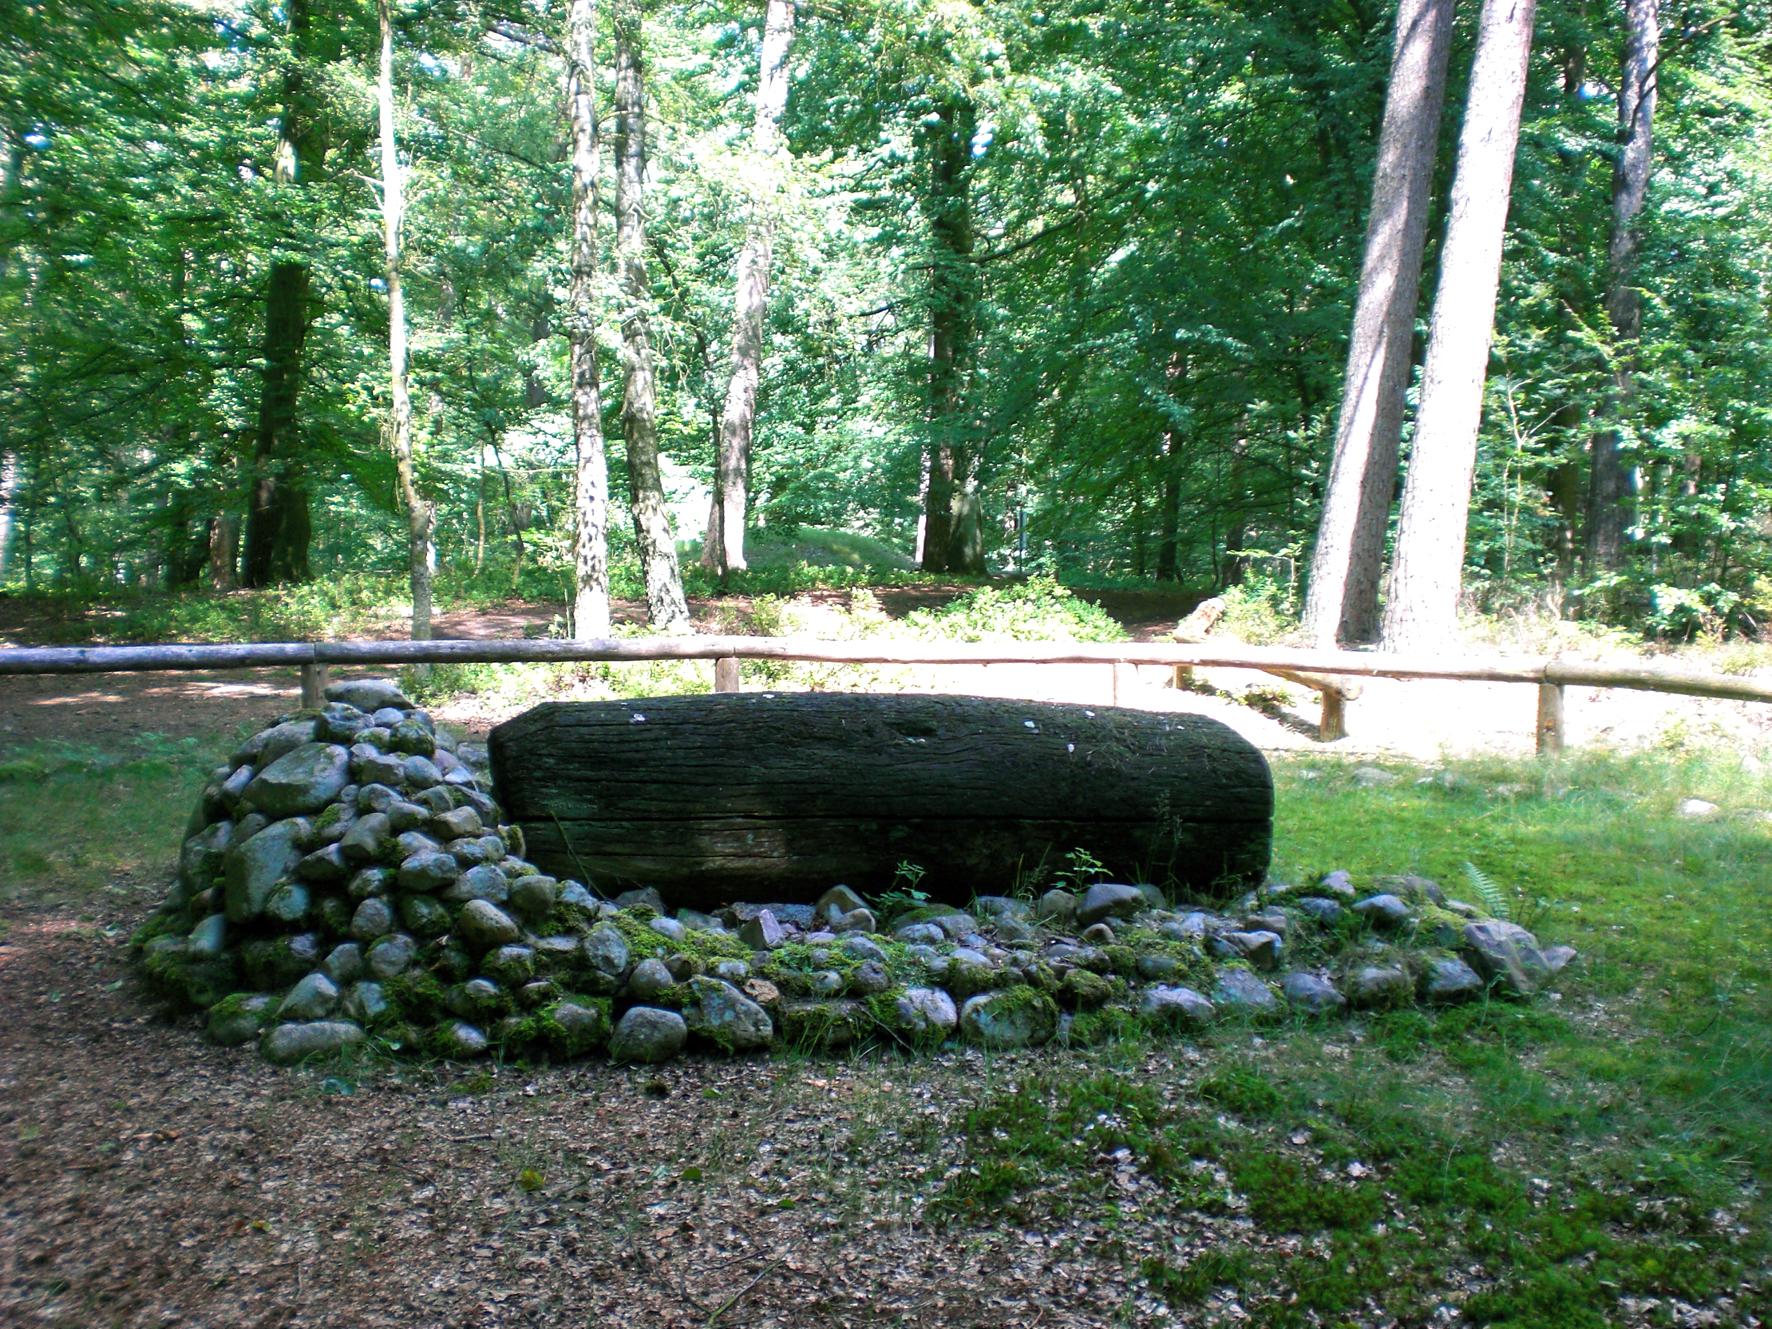 Rekonstruierter Baumsarg aus einem bronzezeitlichen Grabhügel